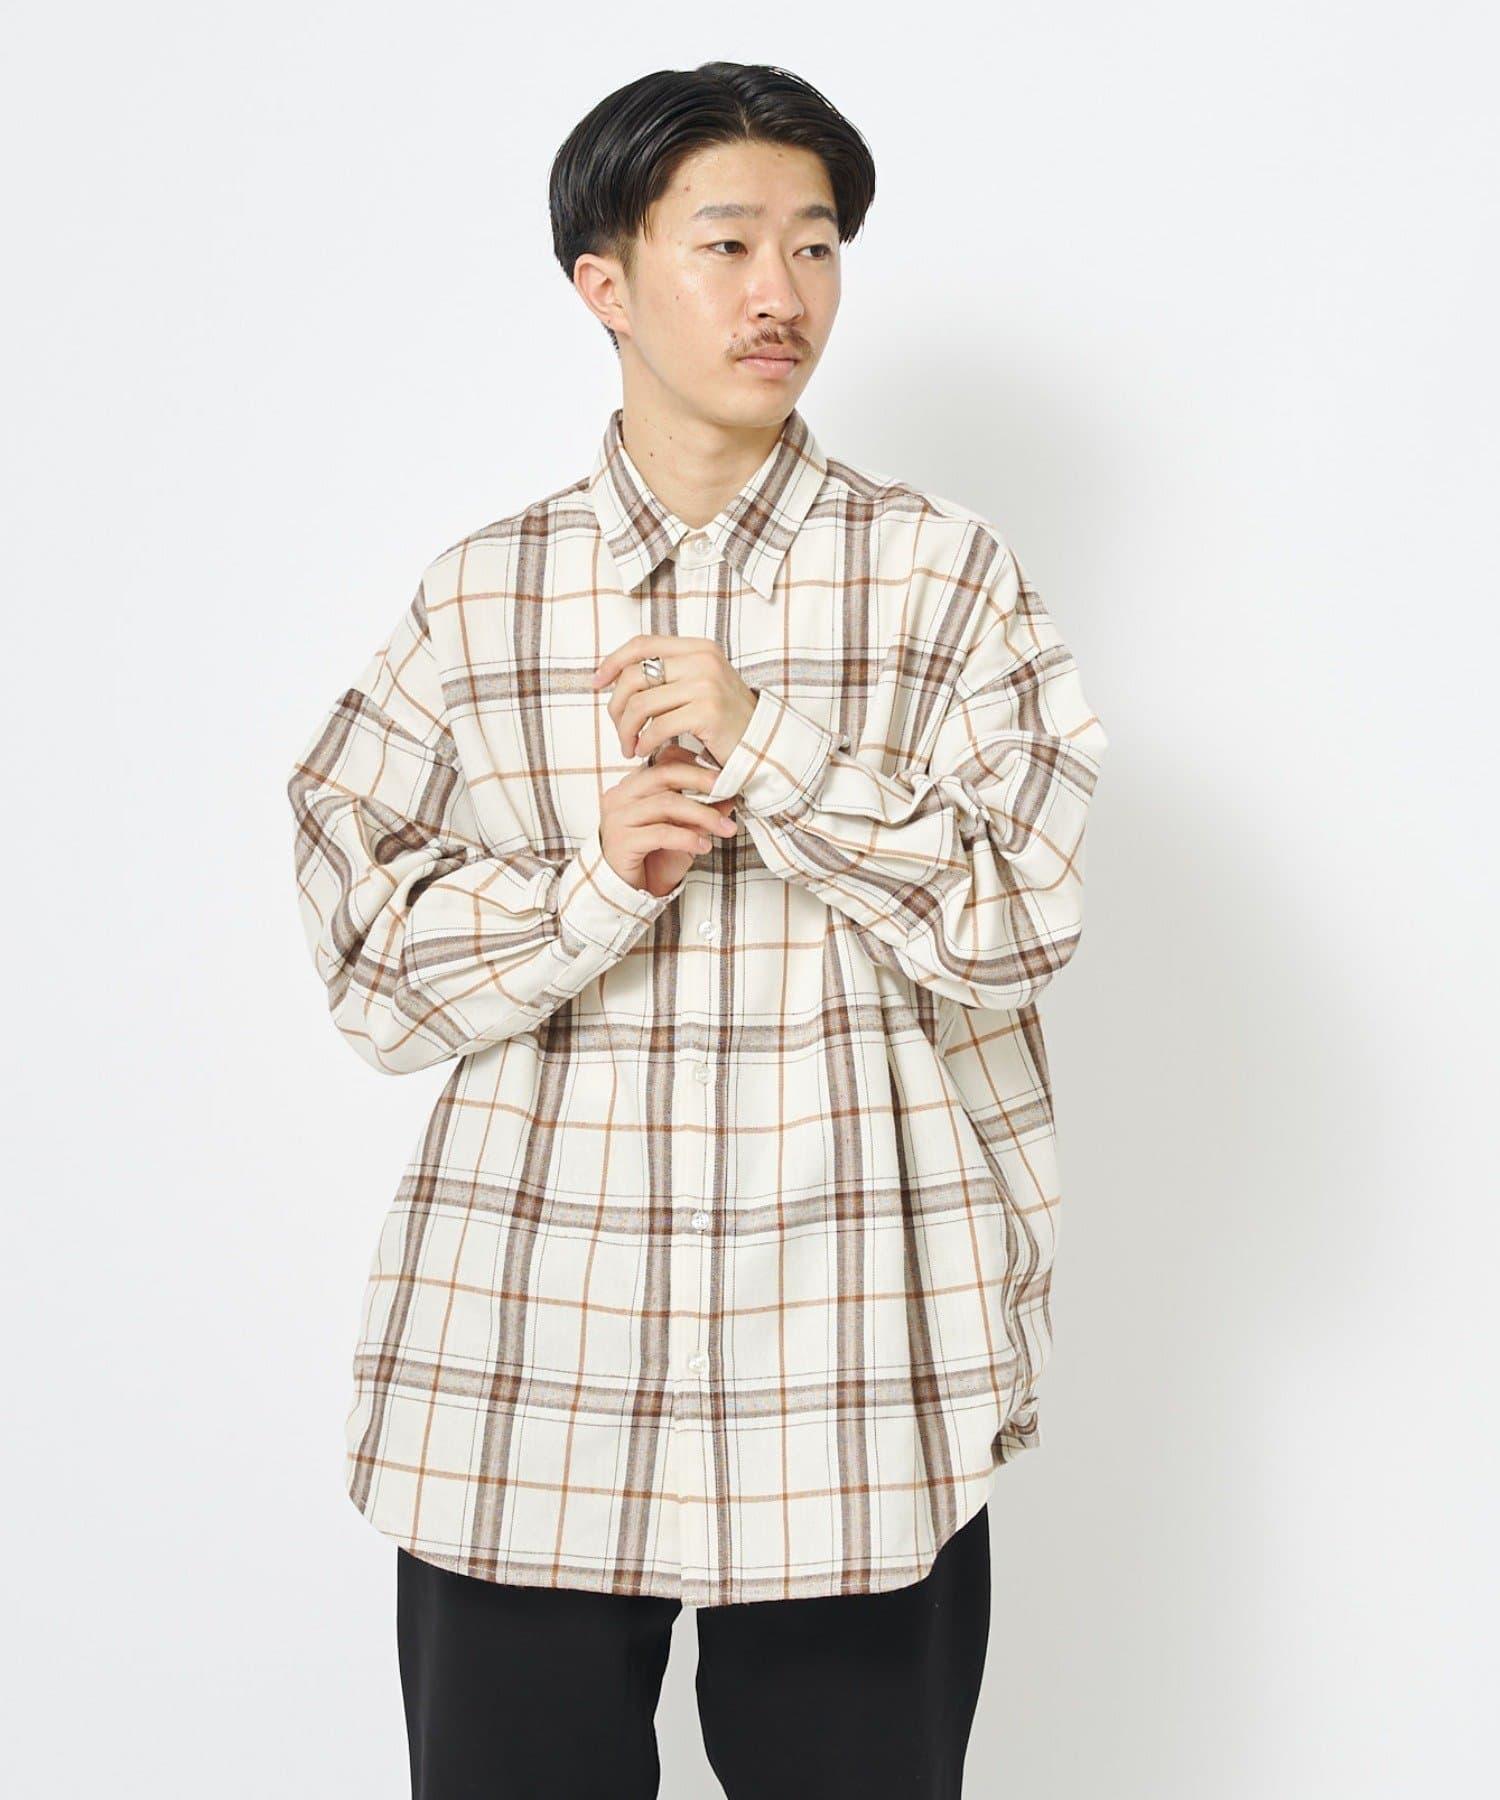 CIAOPANIC(チャオパニック) ビッグシルエットチェックオーバーシャツ